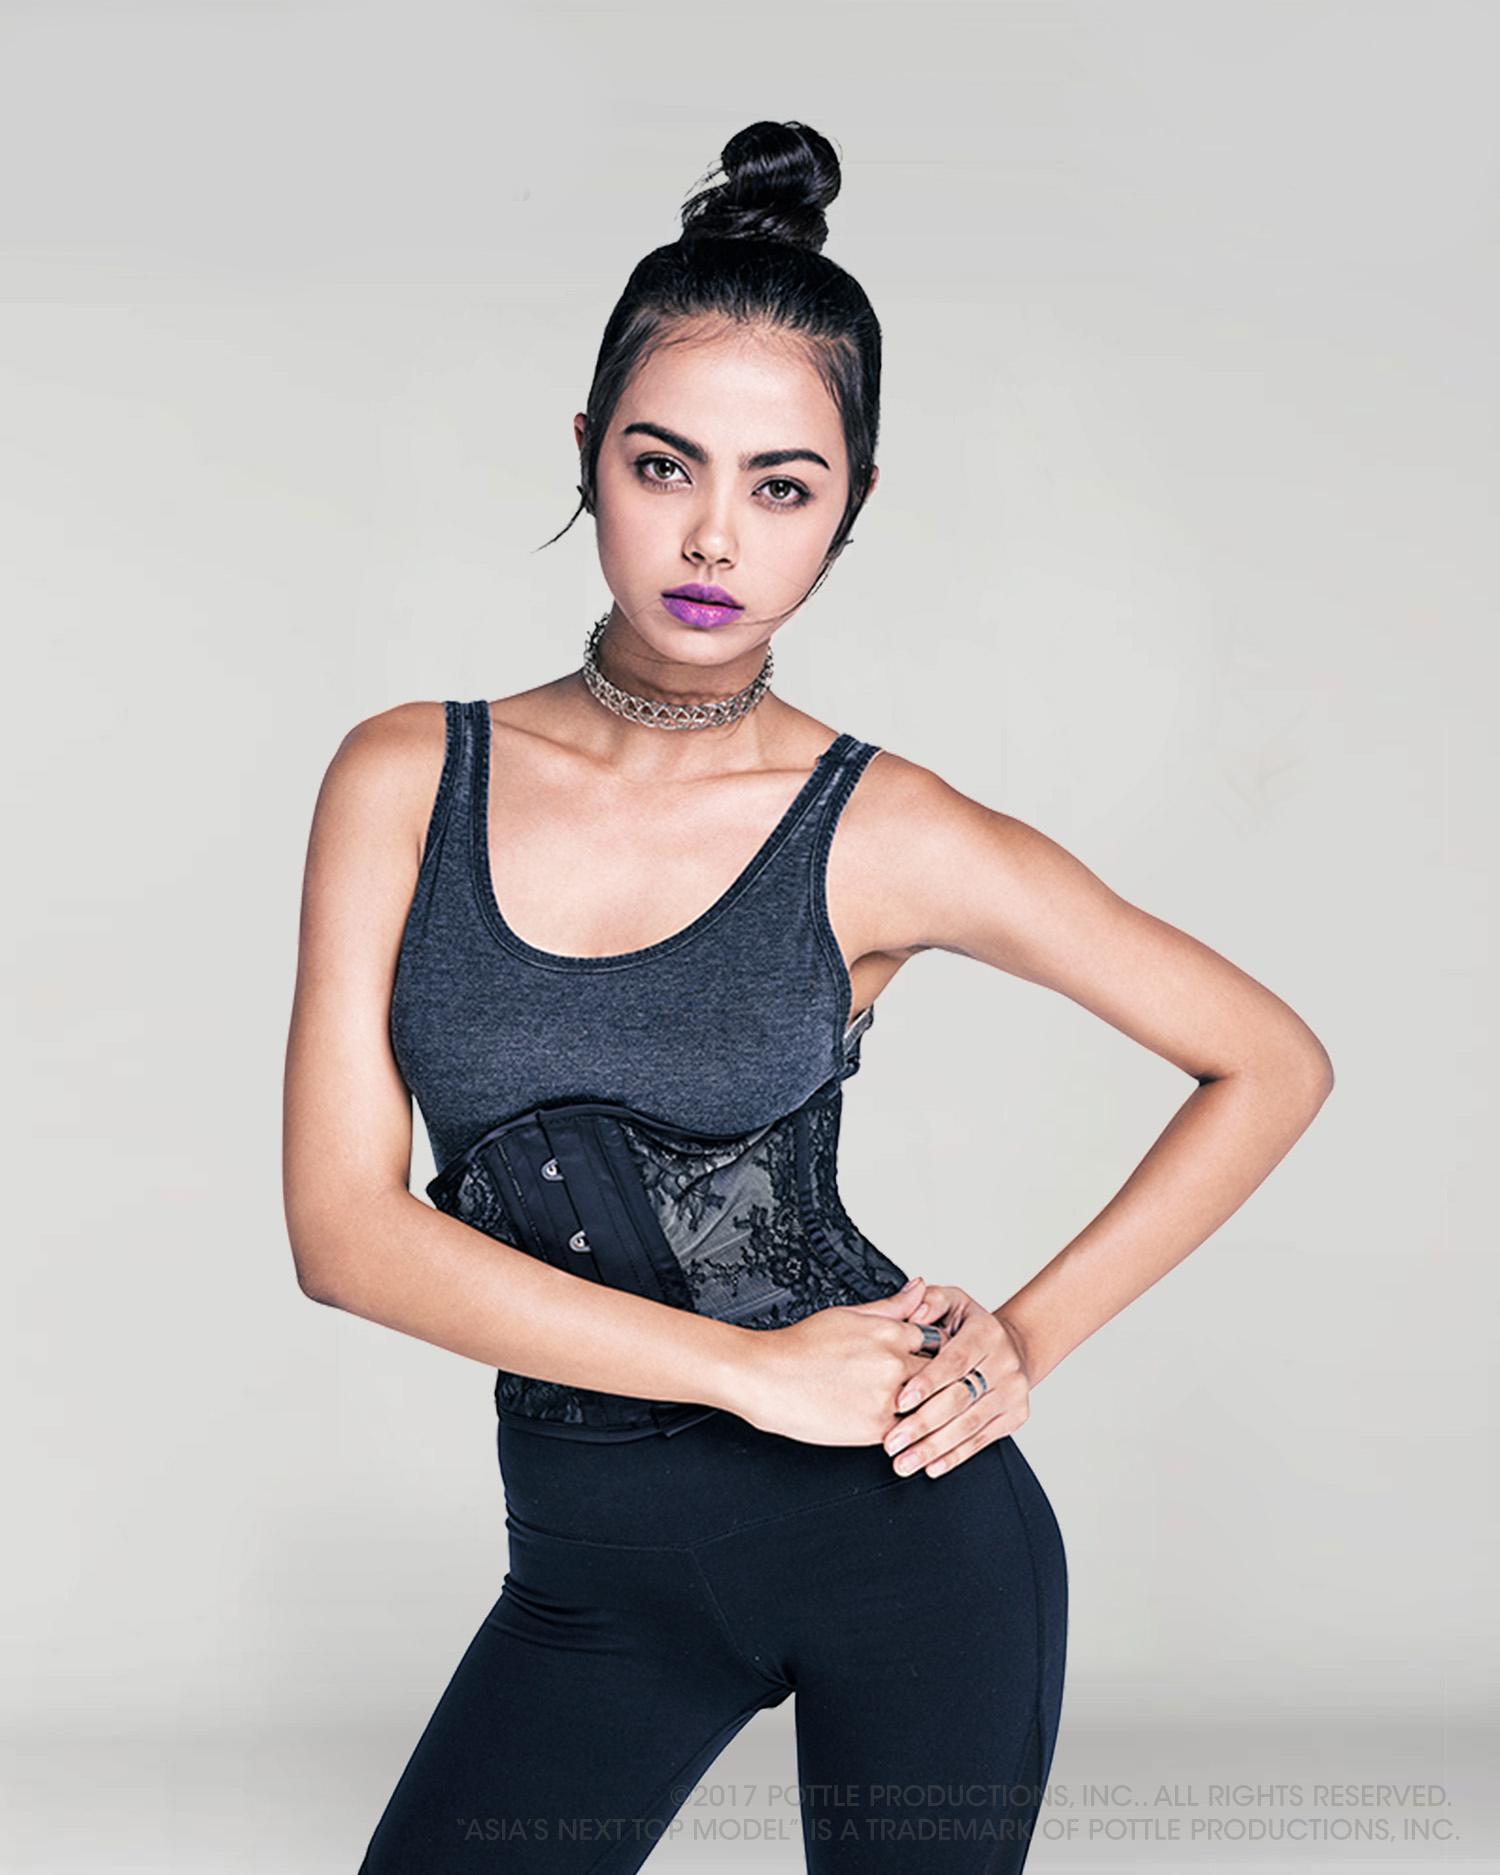 Chính thức: Minh Tú là đại diện Việt Nam tại Asias Next Top Model! - Ảnh 26.